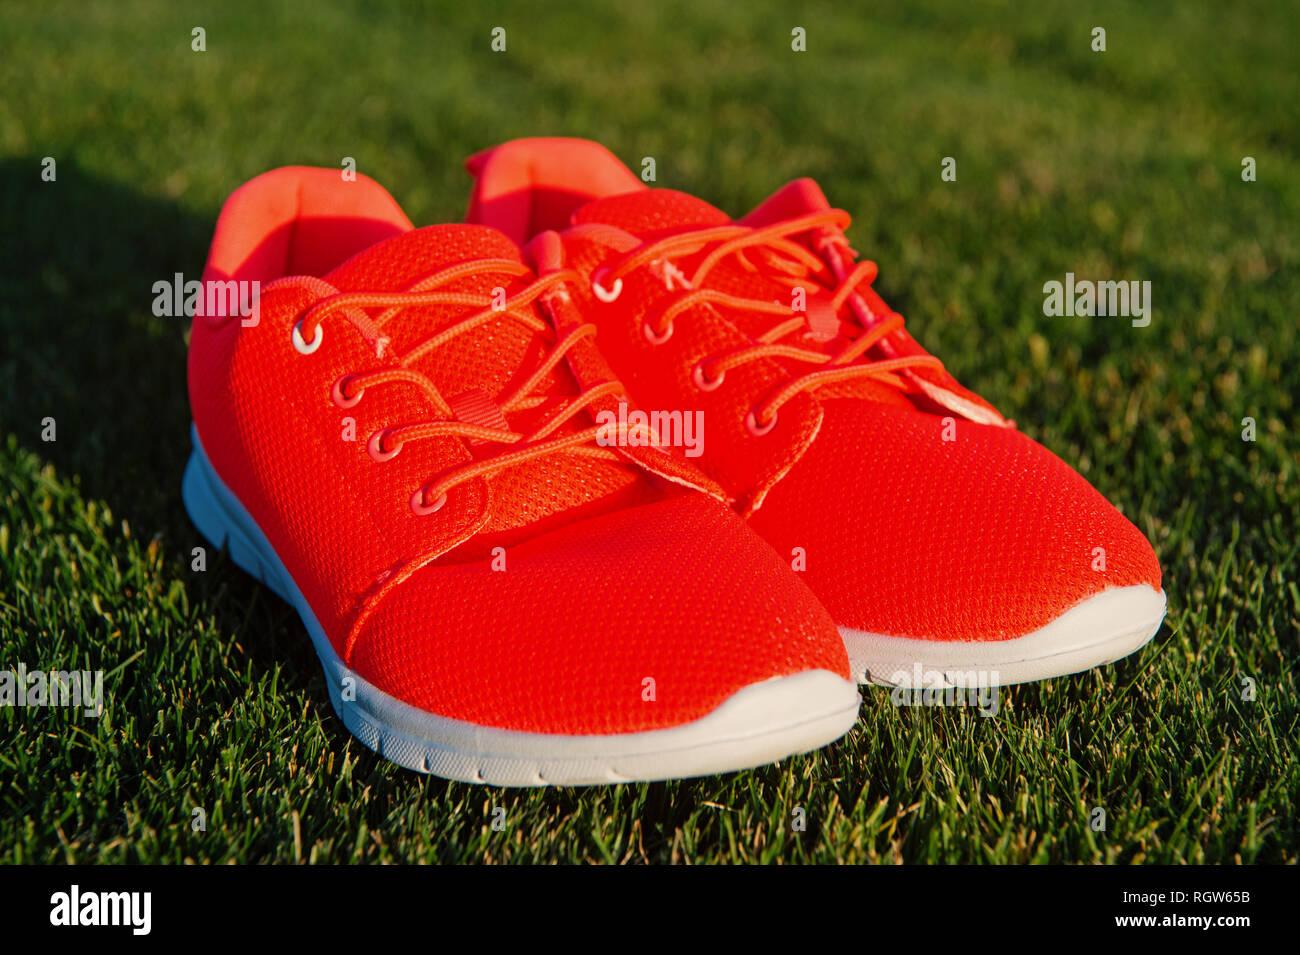 Sie GrasPaar Leben Führen Das Sneakers Auf Grünem 4ARj5L